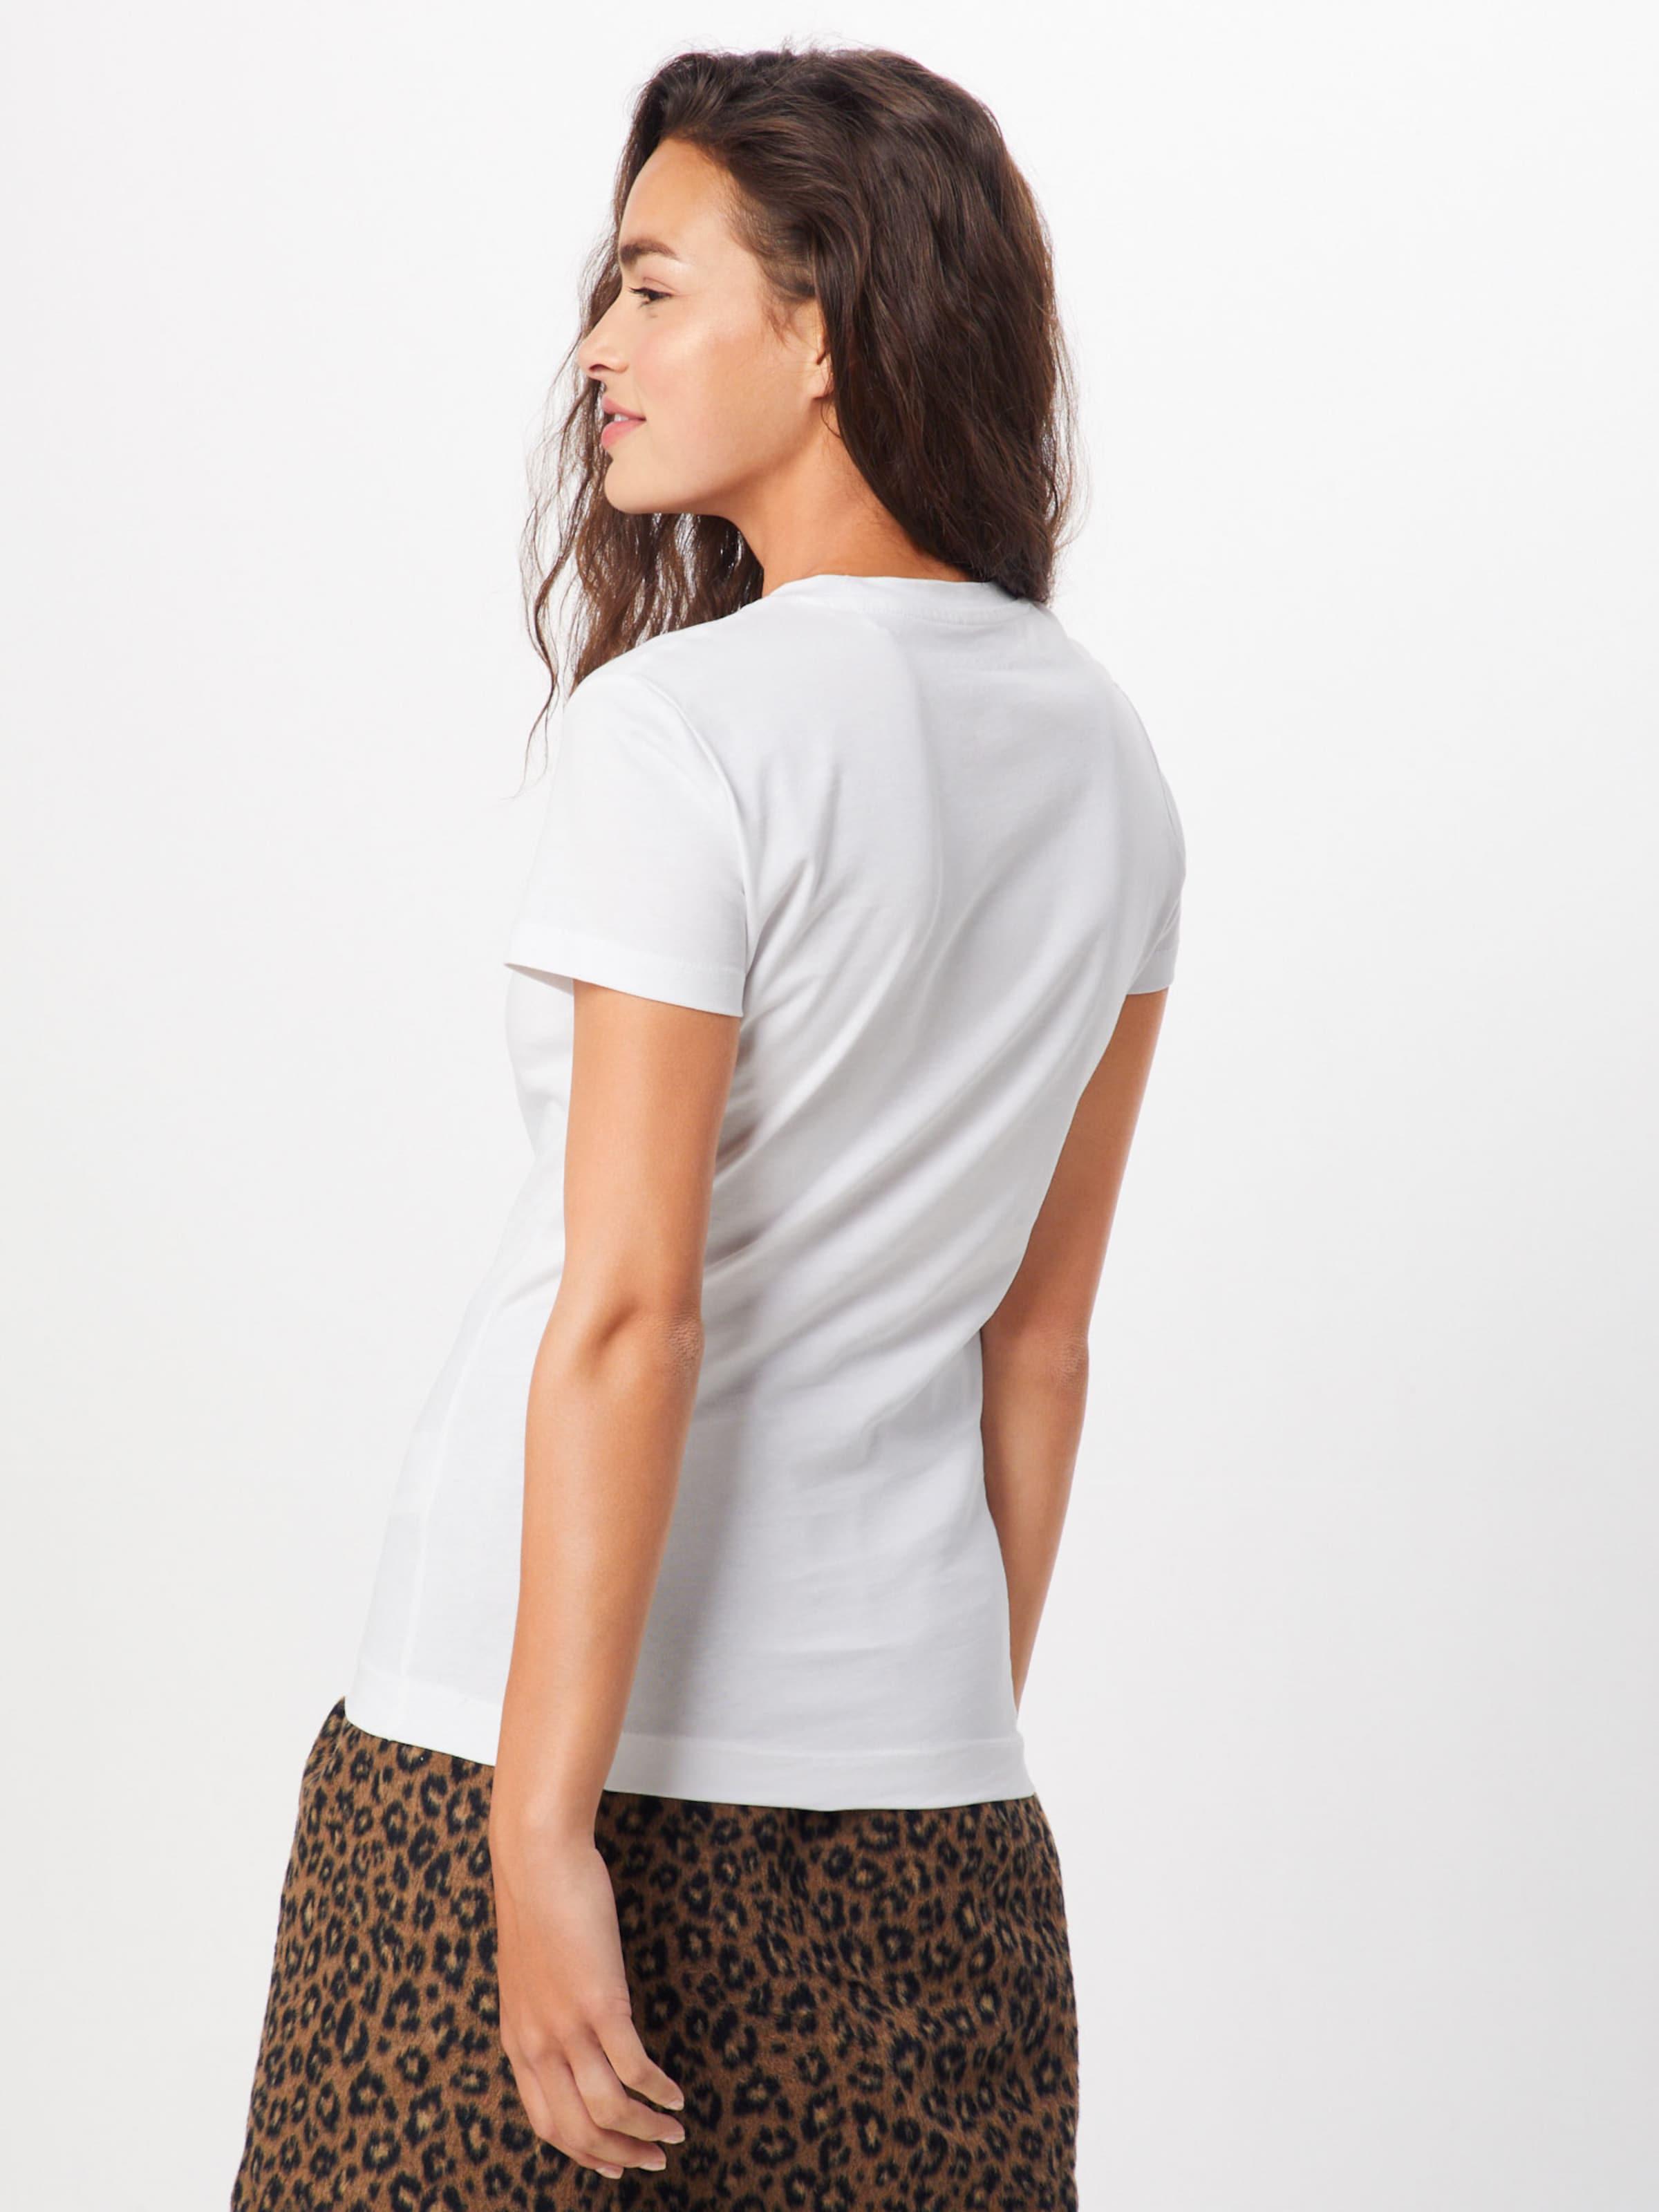 Guess En shirt T T Guess Blanc J5KuTl13Fc